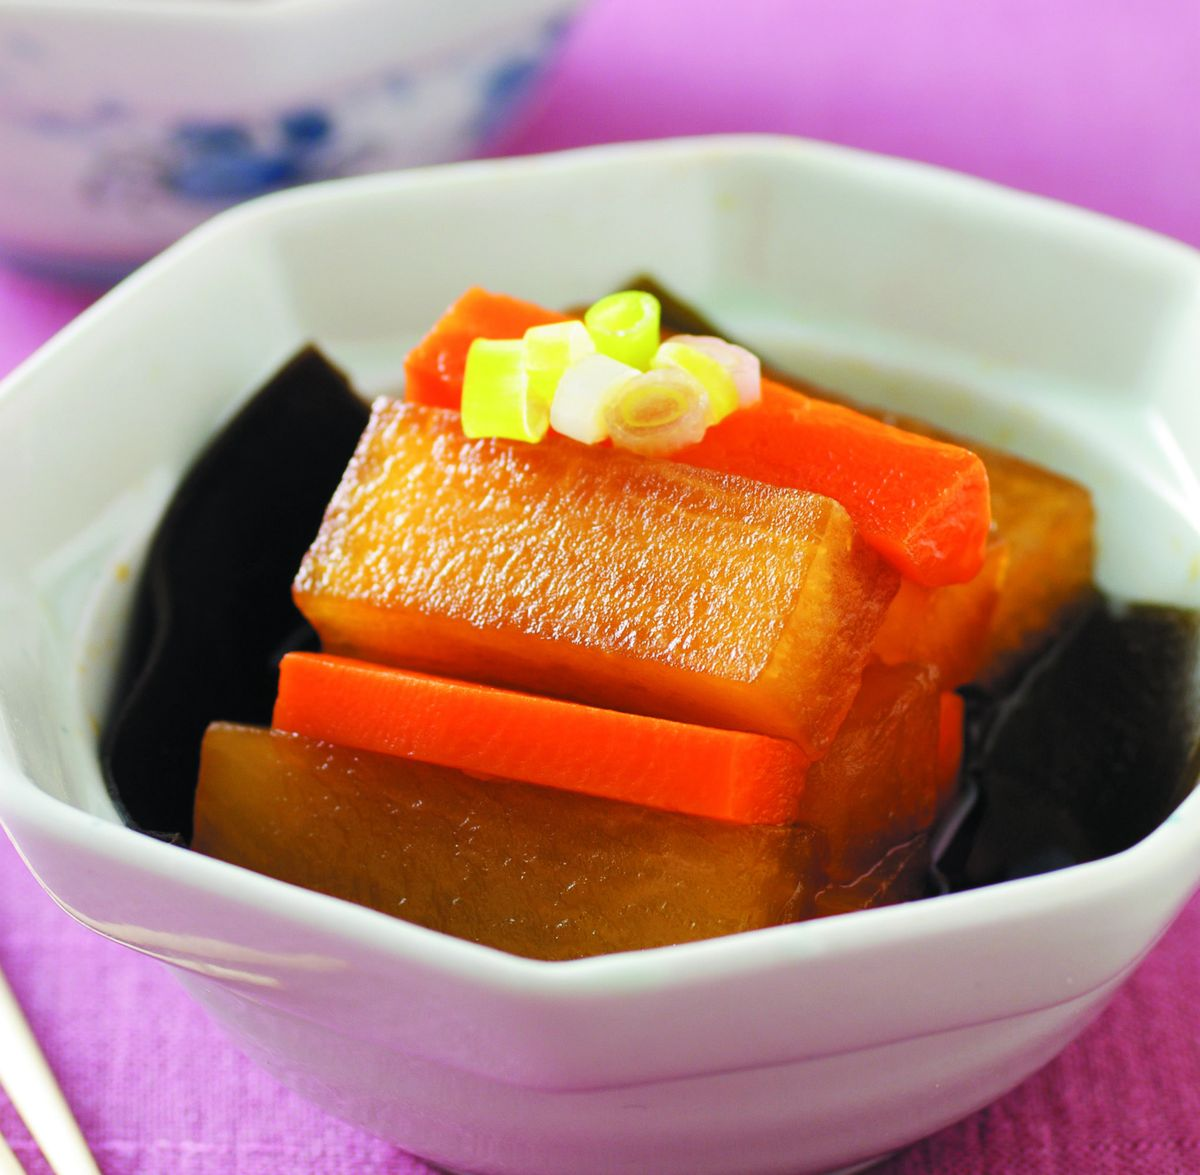 【食譜】日式風味燒蘿蔔:www.ytower.com.tw